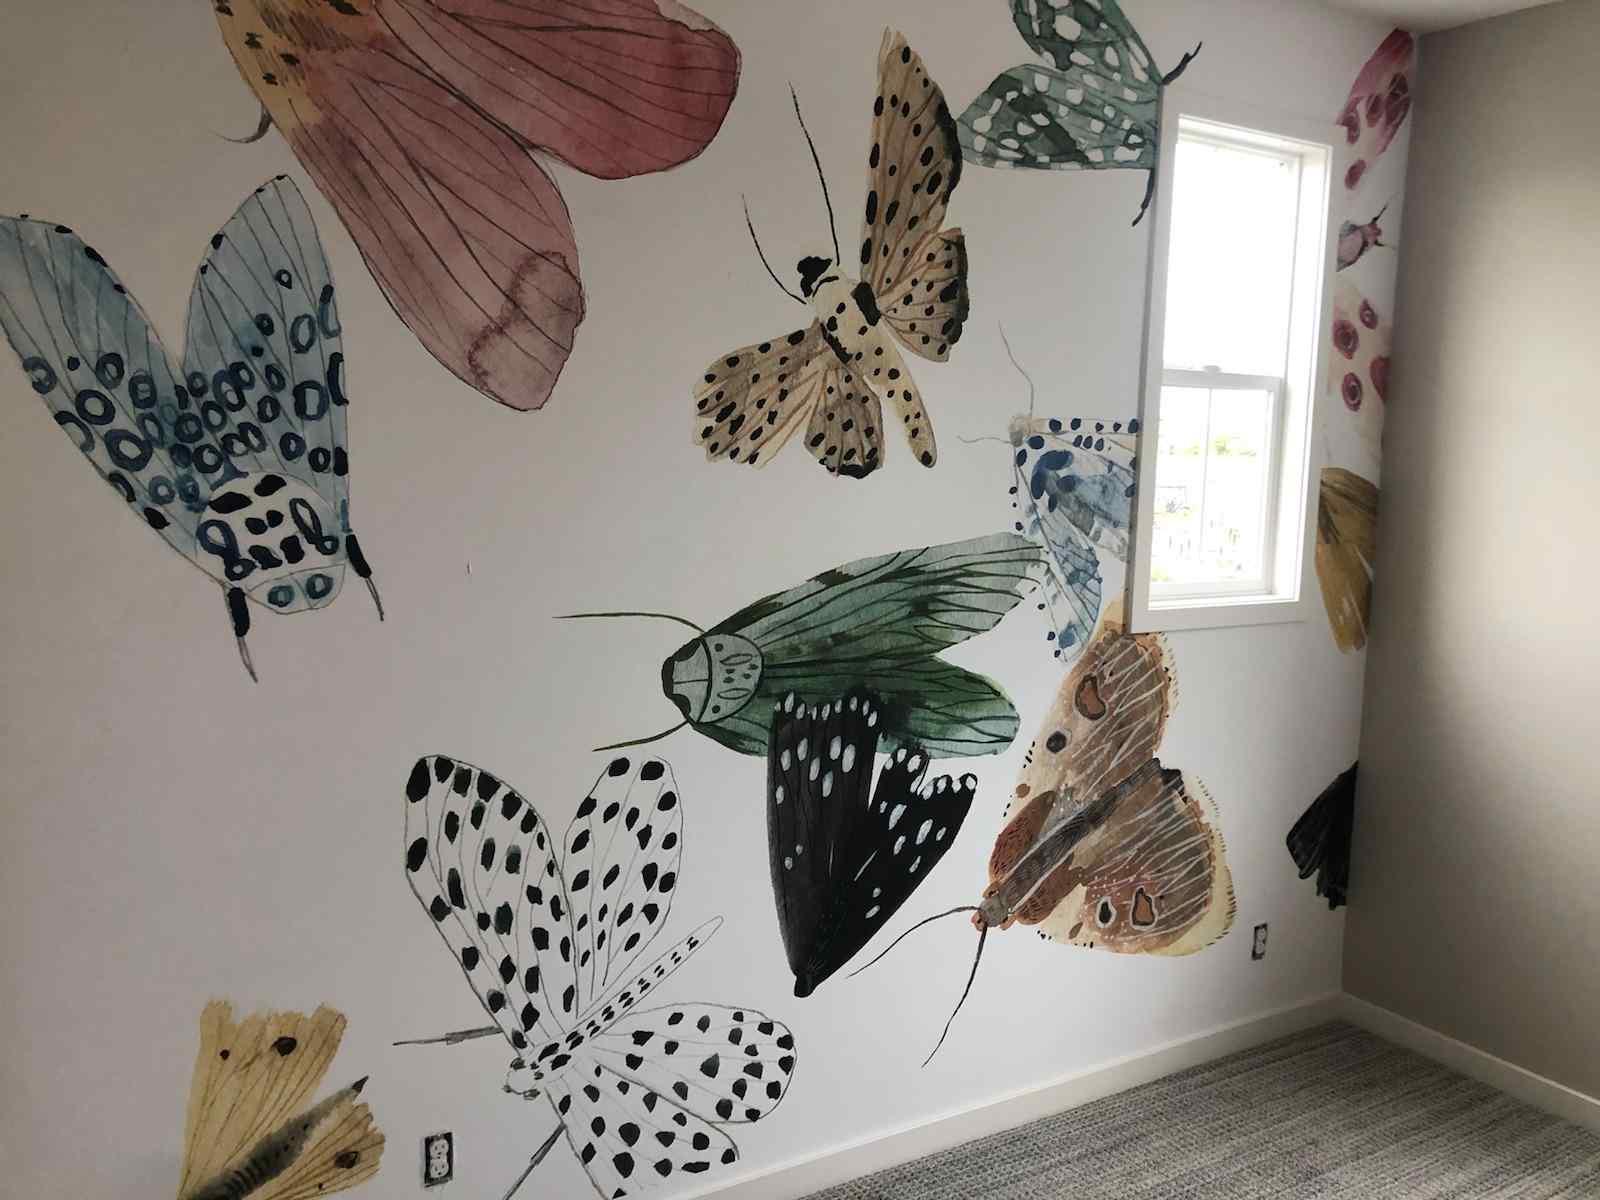 Residential Wallcovering & Installation